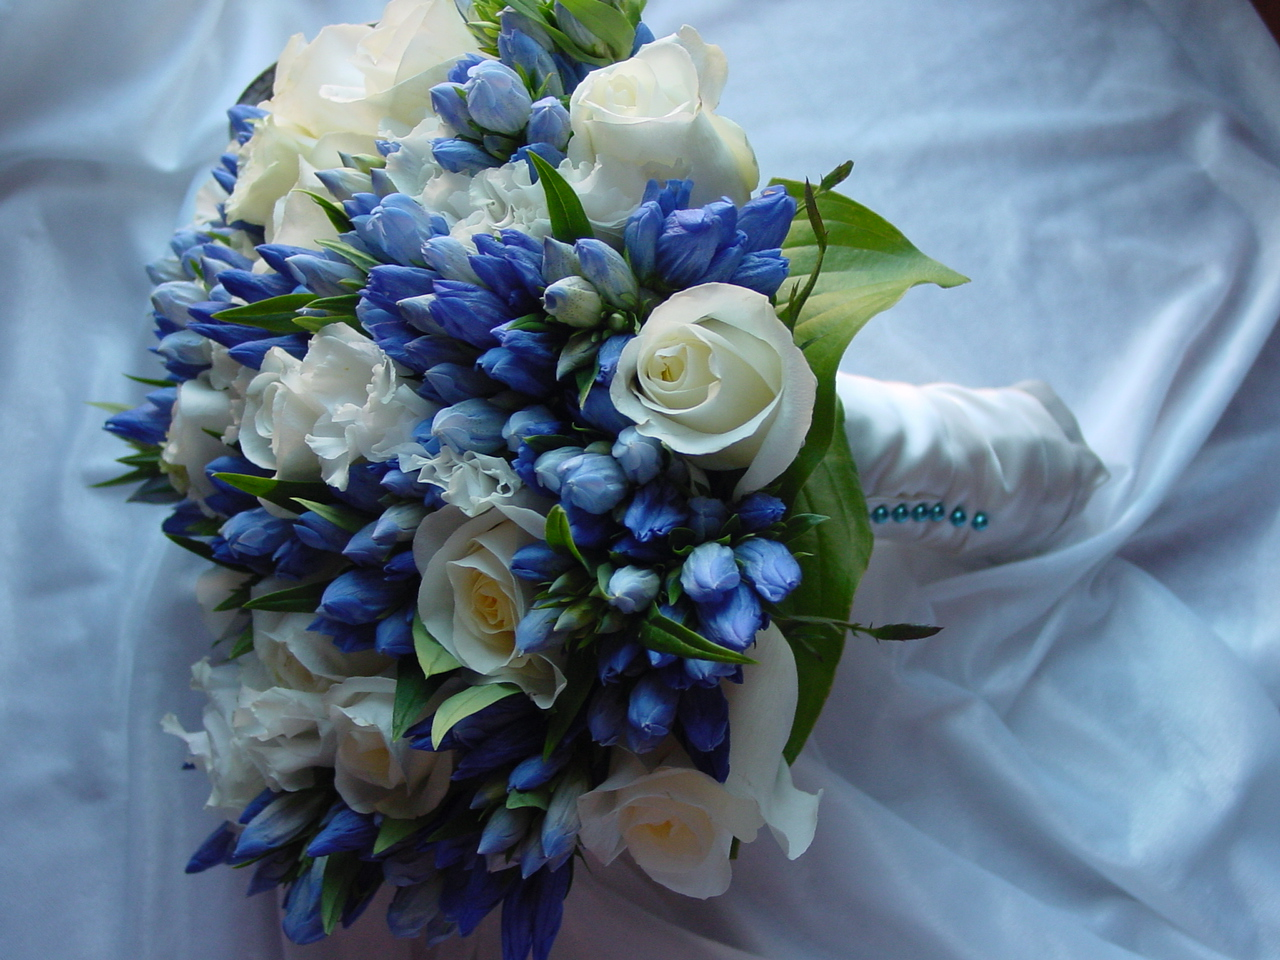 Blue Bouquet Flowers 3